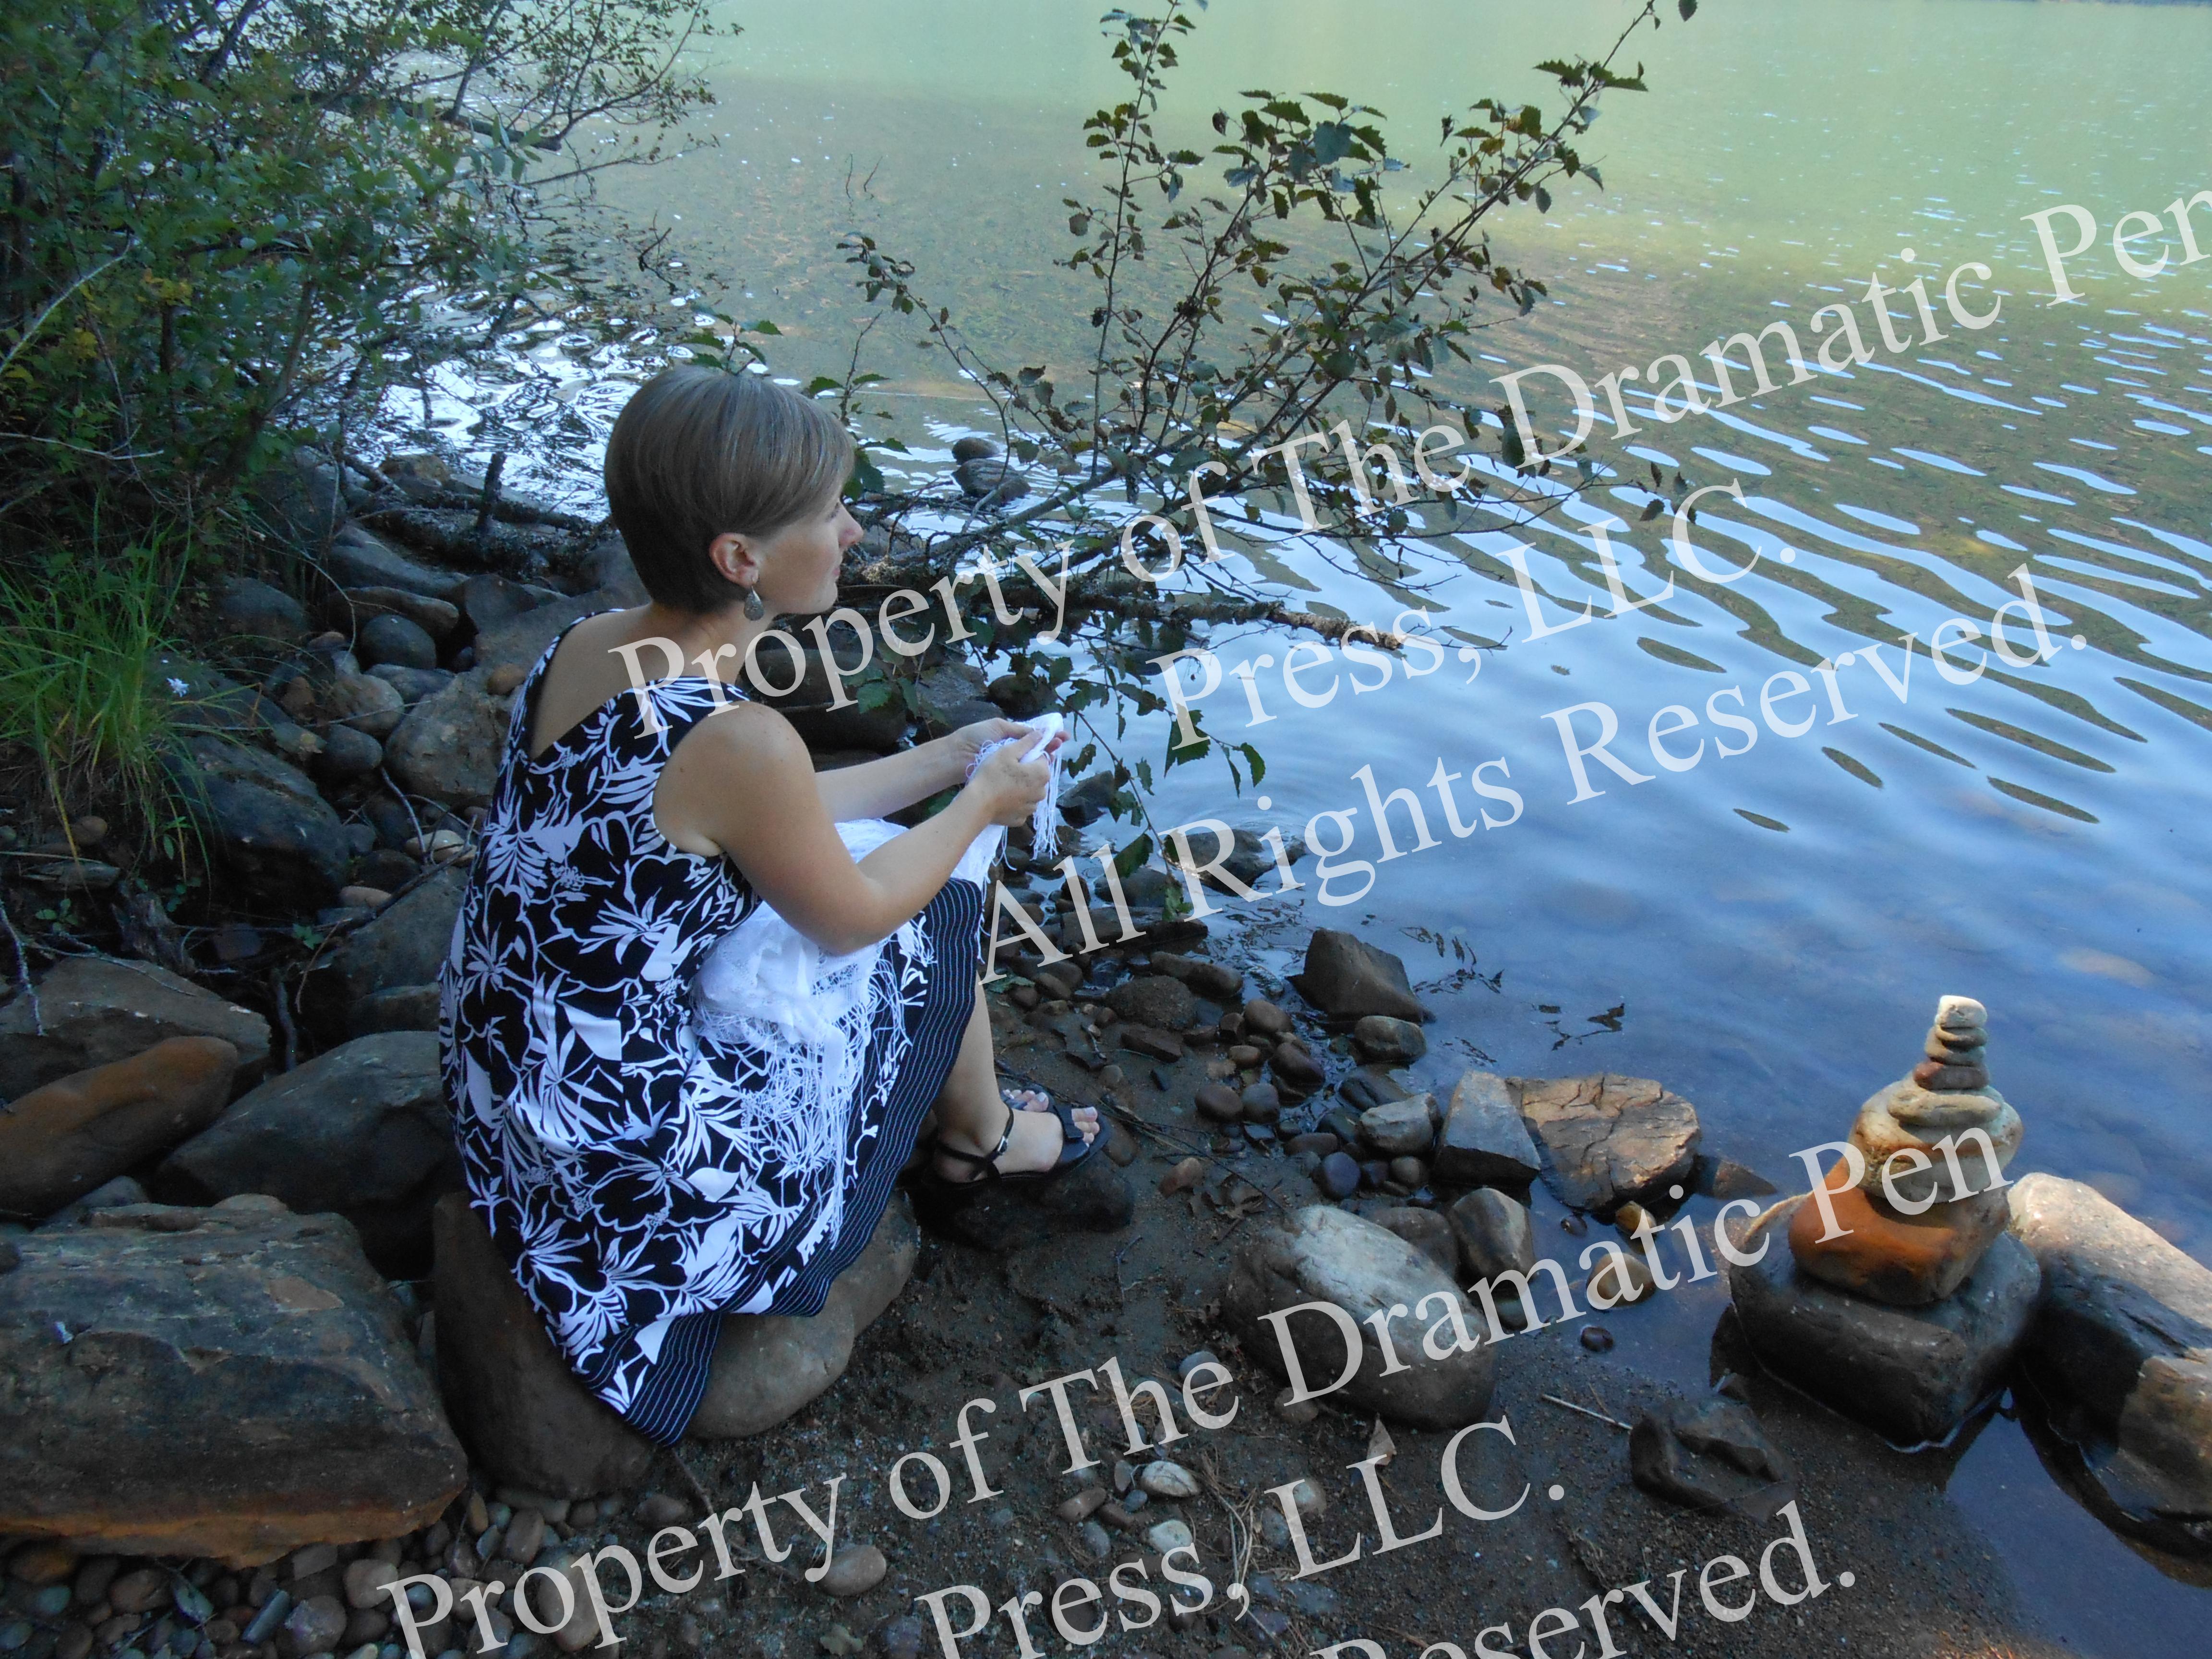 Woman on Shore Pretty Stones